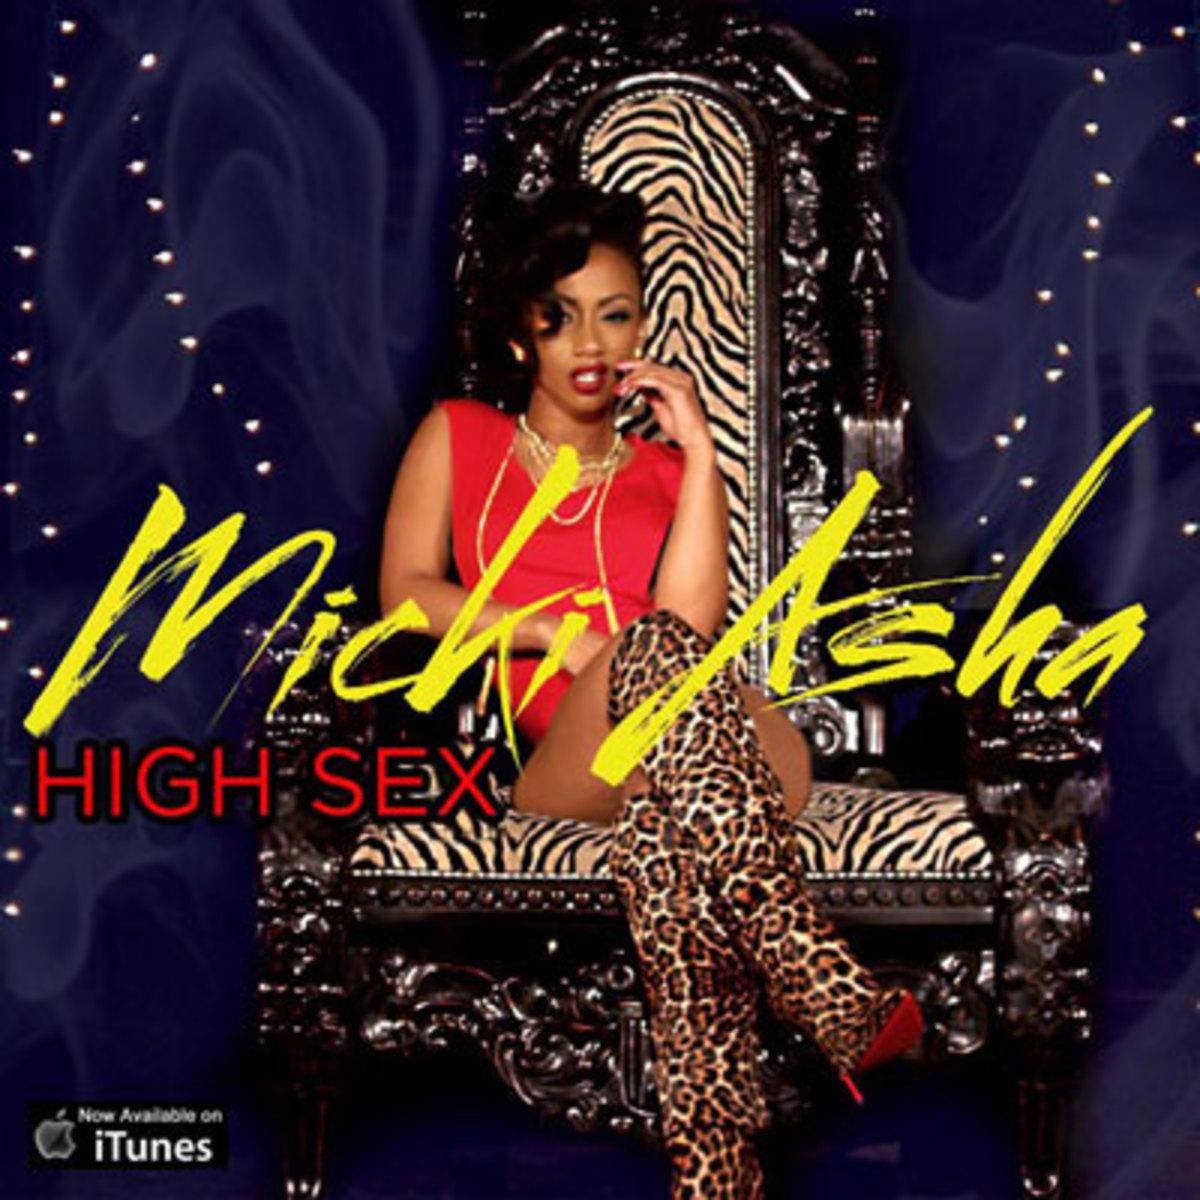 mickiasha-highsex.jpg